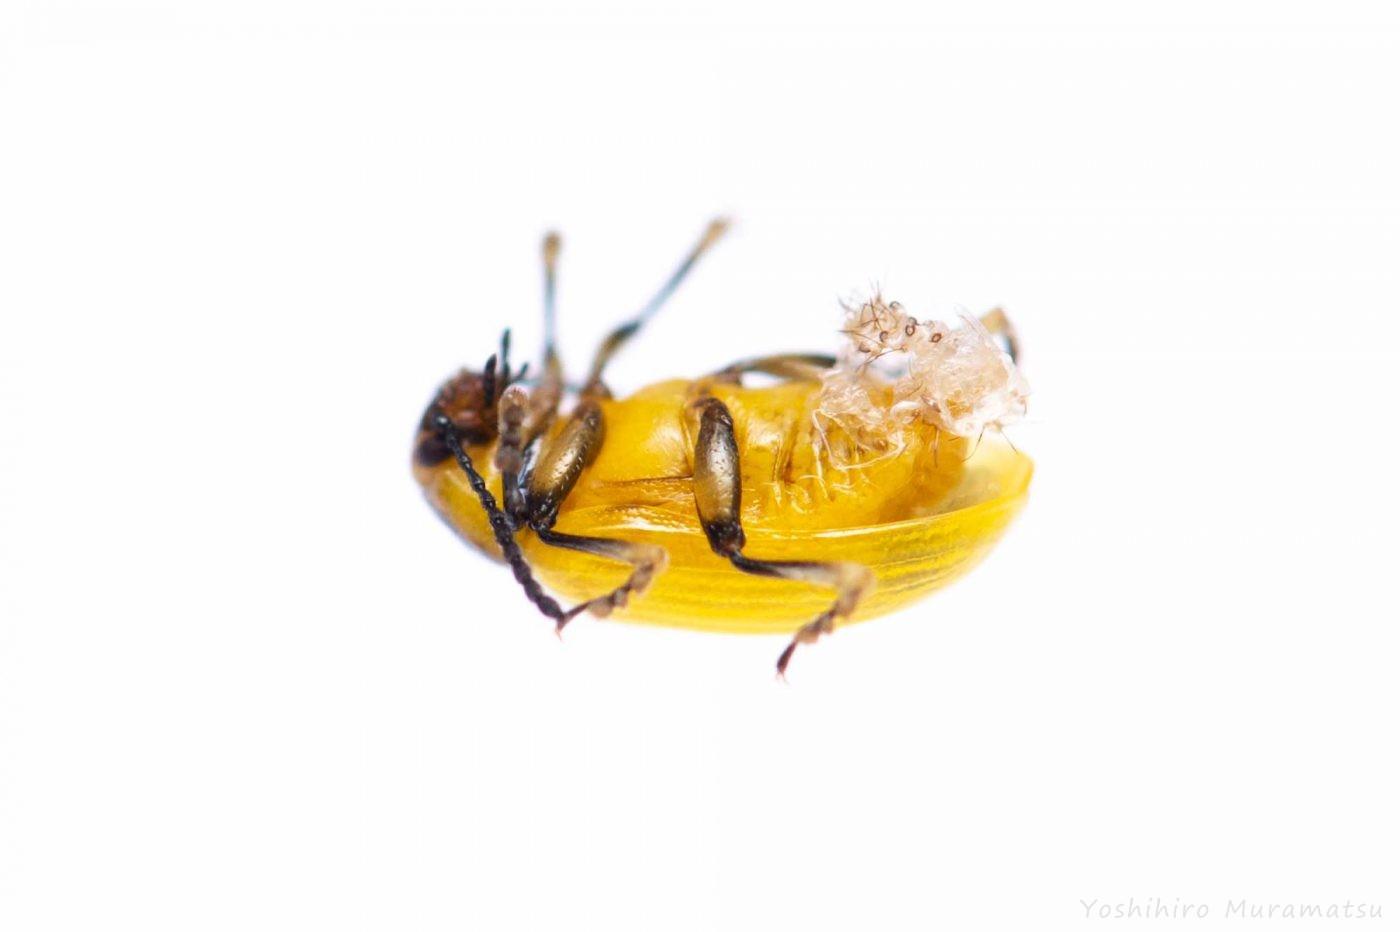 コガタルリハムシの飼育の写真